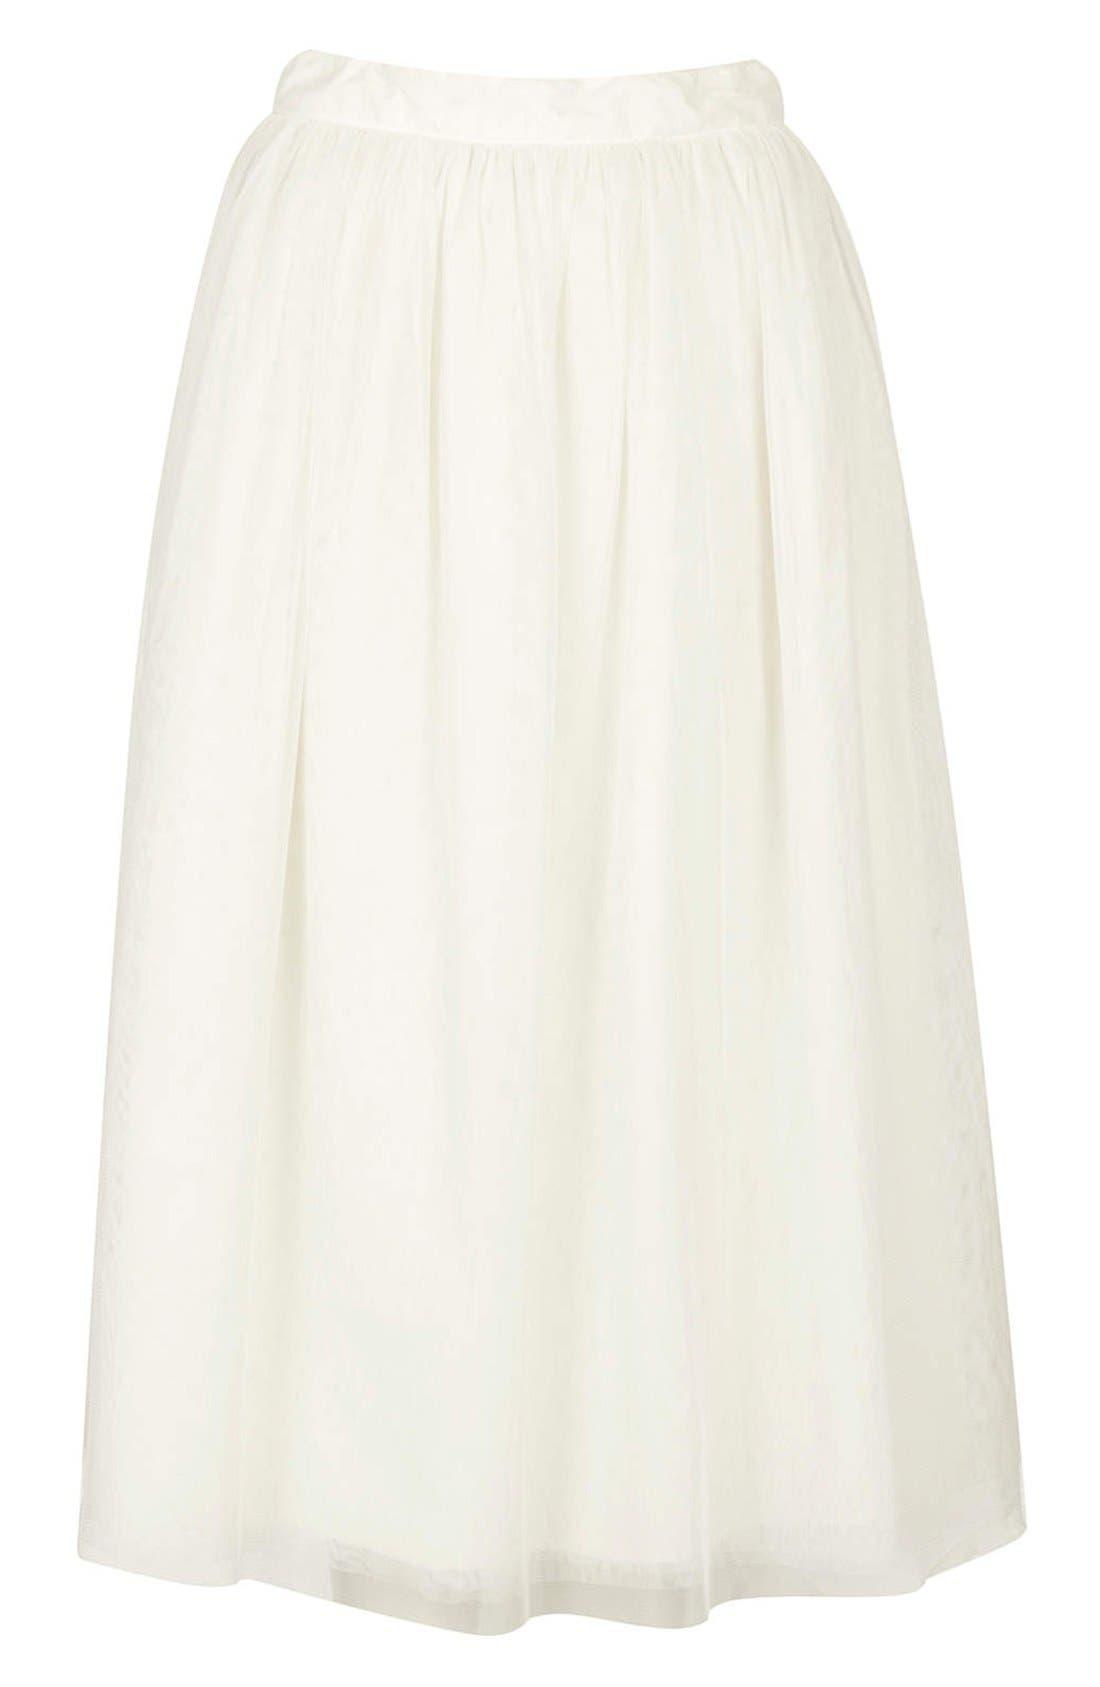 Alternate Image 3  - Topshop 'Ballerina Prom' Tulle Midi Skirt